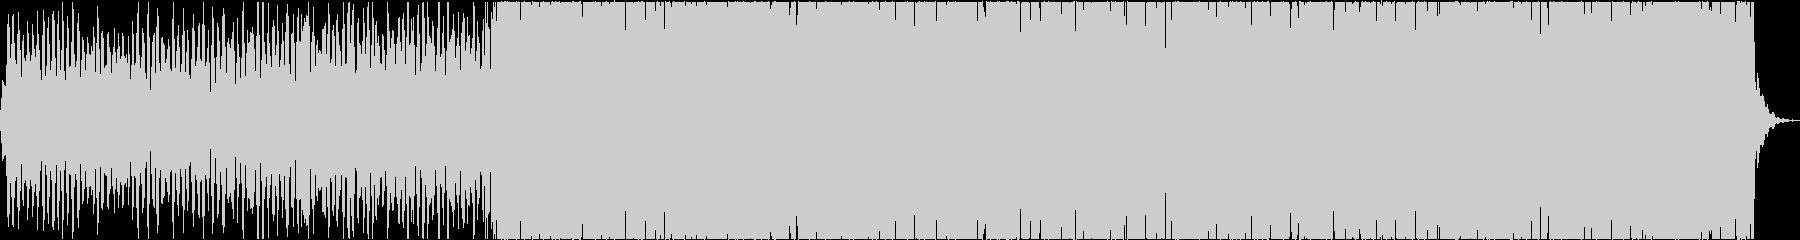 ピアノメインのアンビエント系BGMの未再生の波形